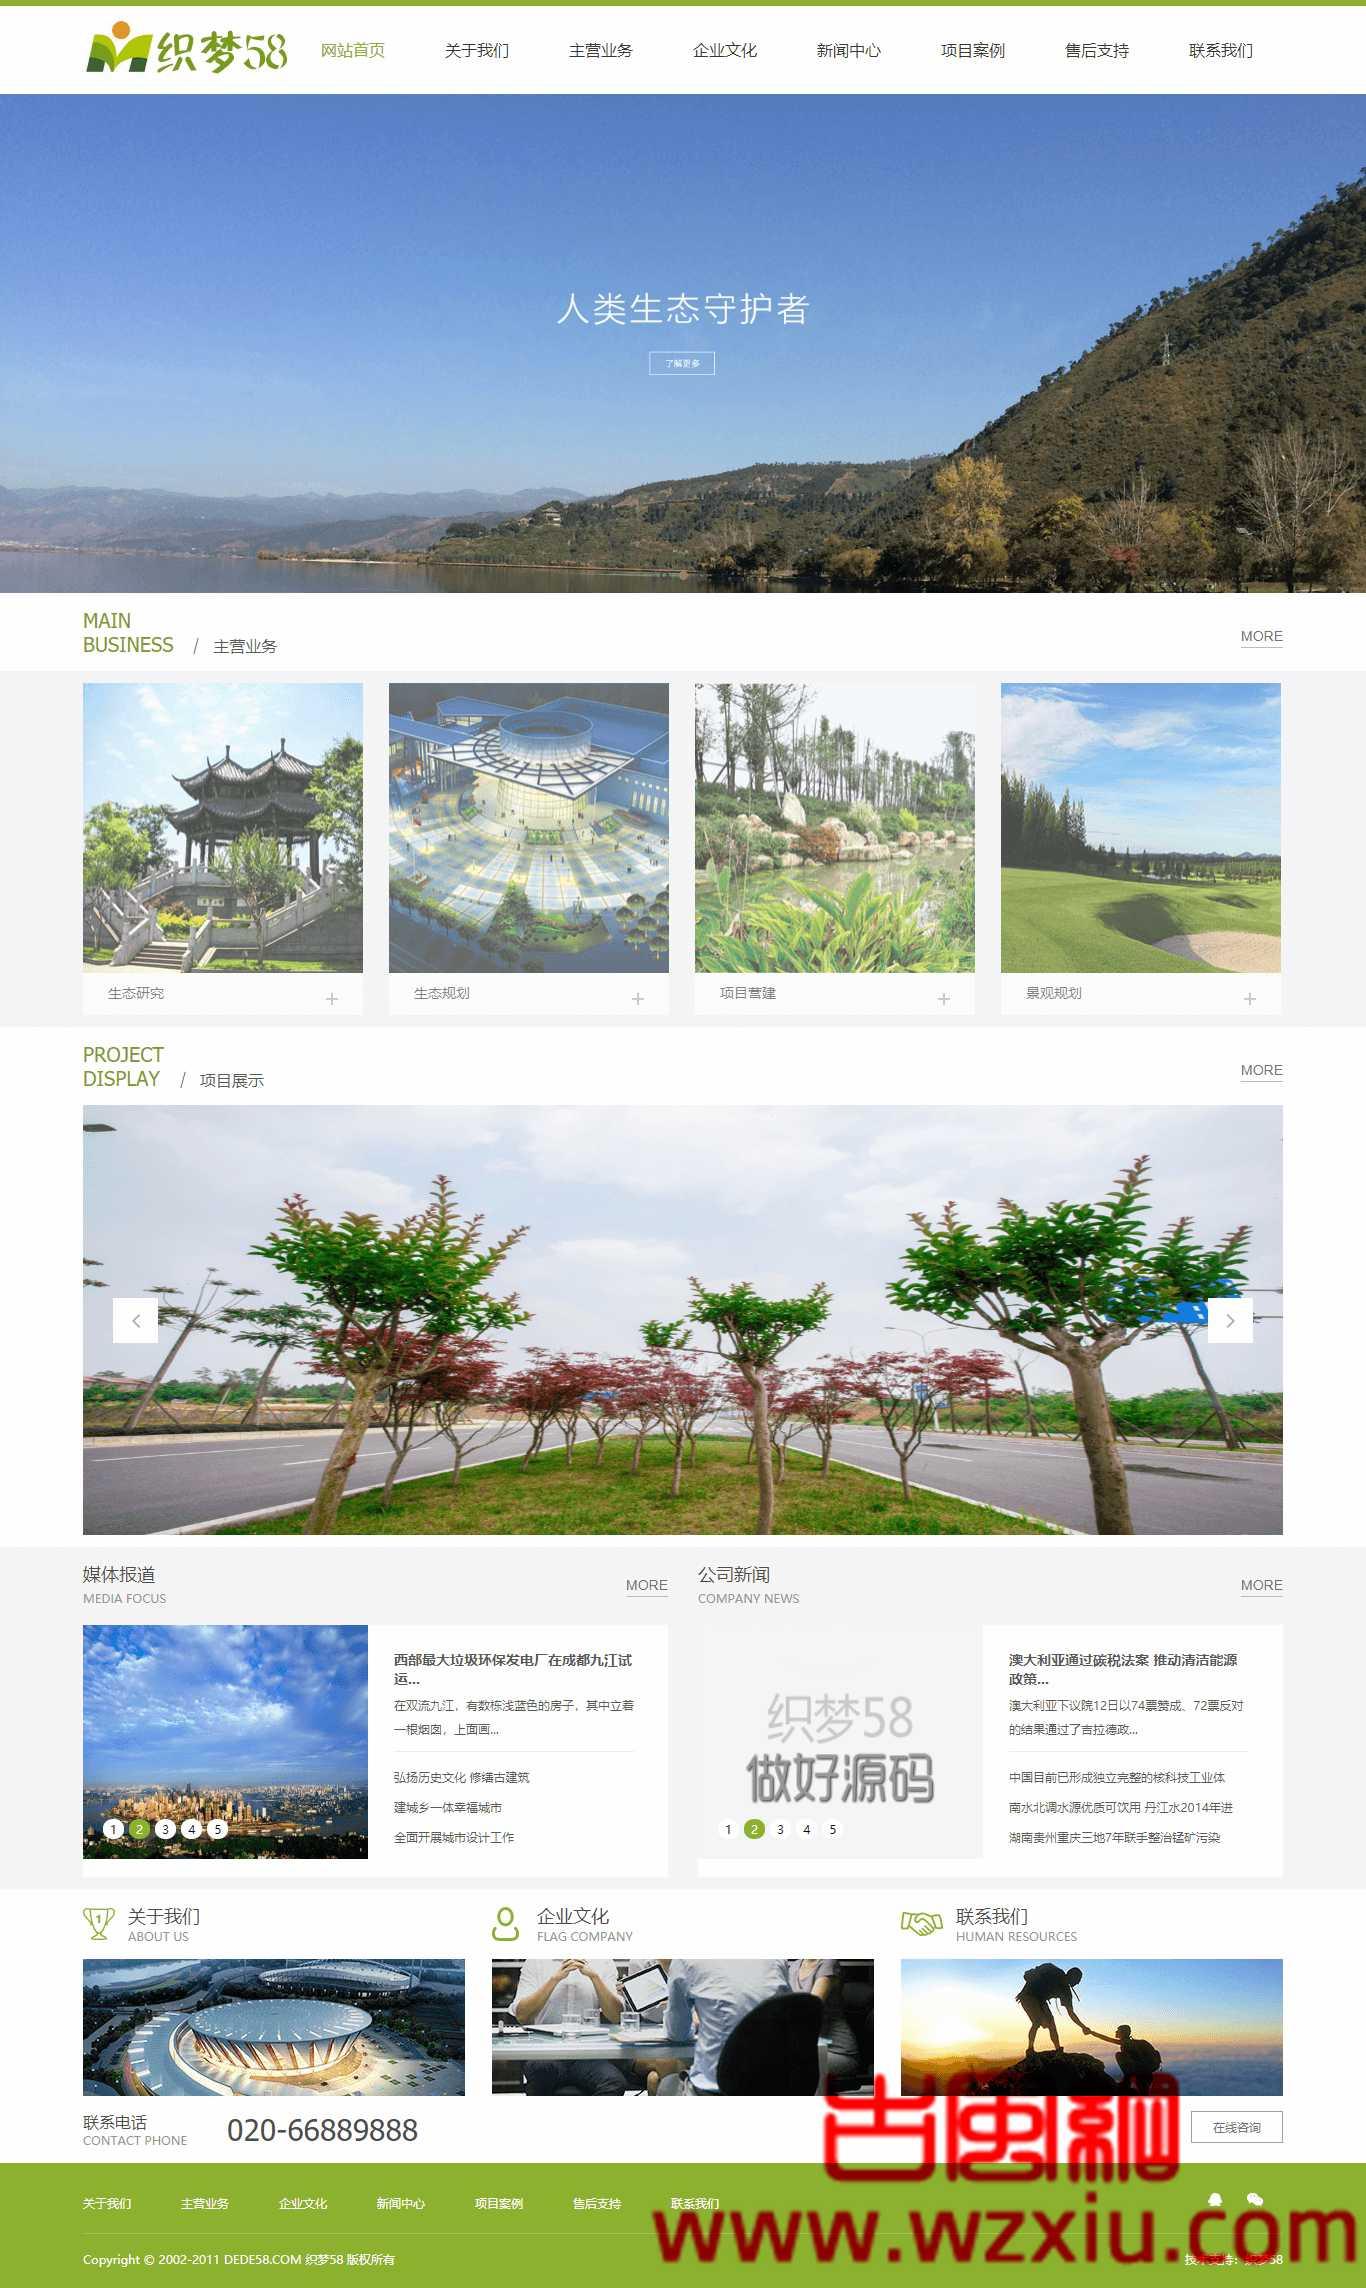 【PHP】dedecms生态园林类企业公司网站织梦模板源码